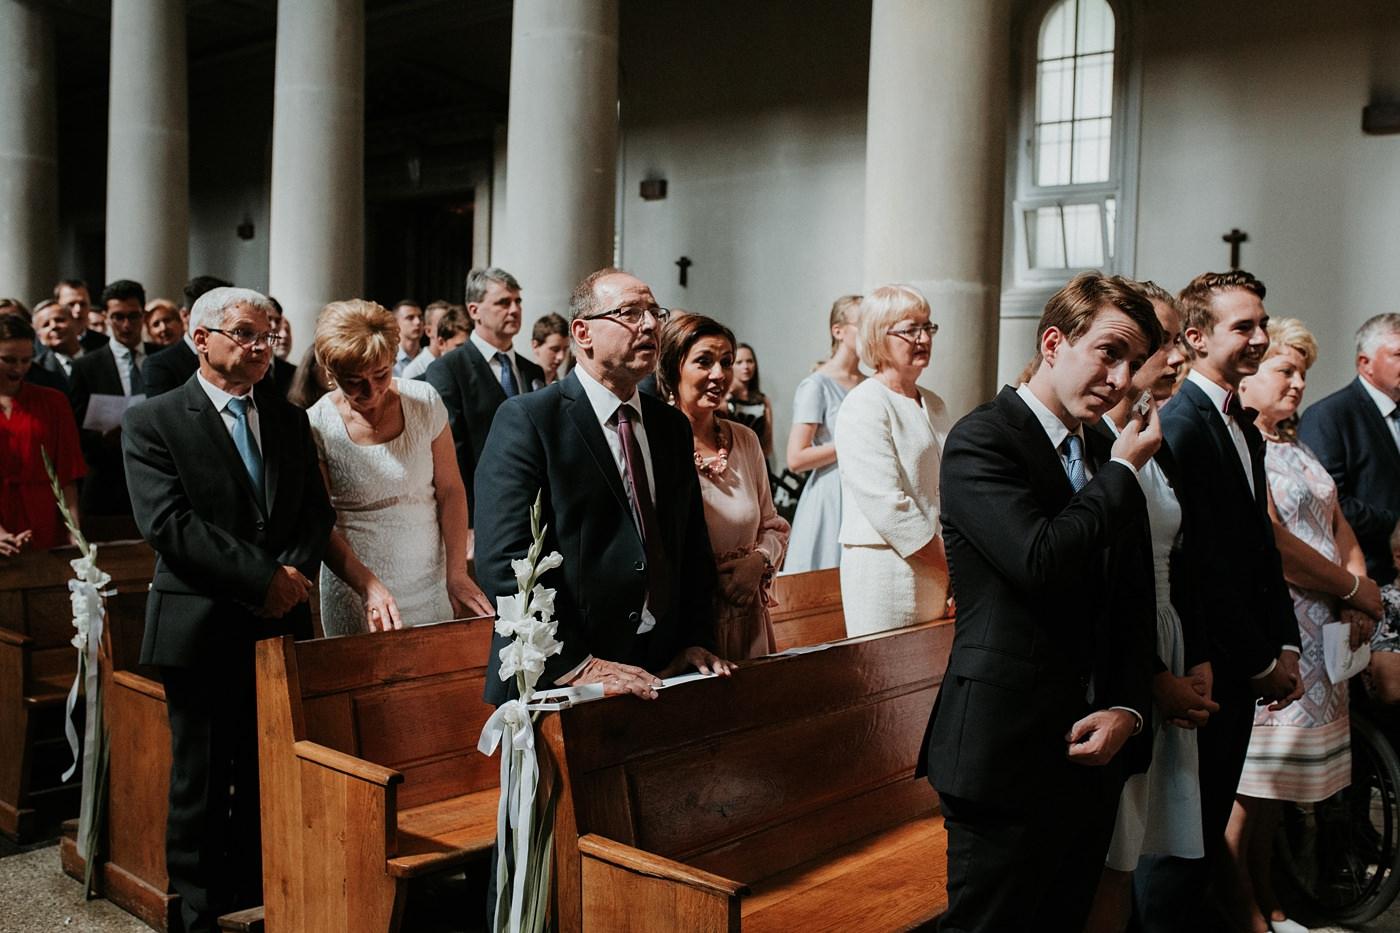 Dominika & Aleksander - Rustykalne wesele w stodole - Baborówko 57